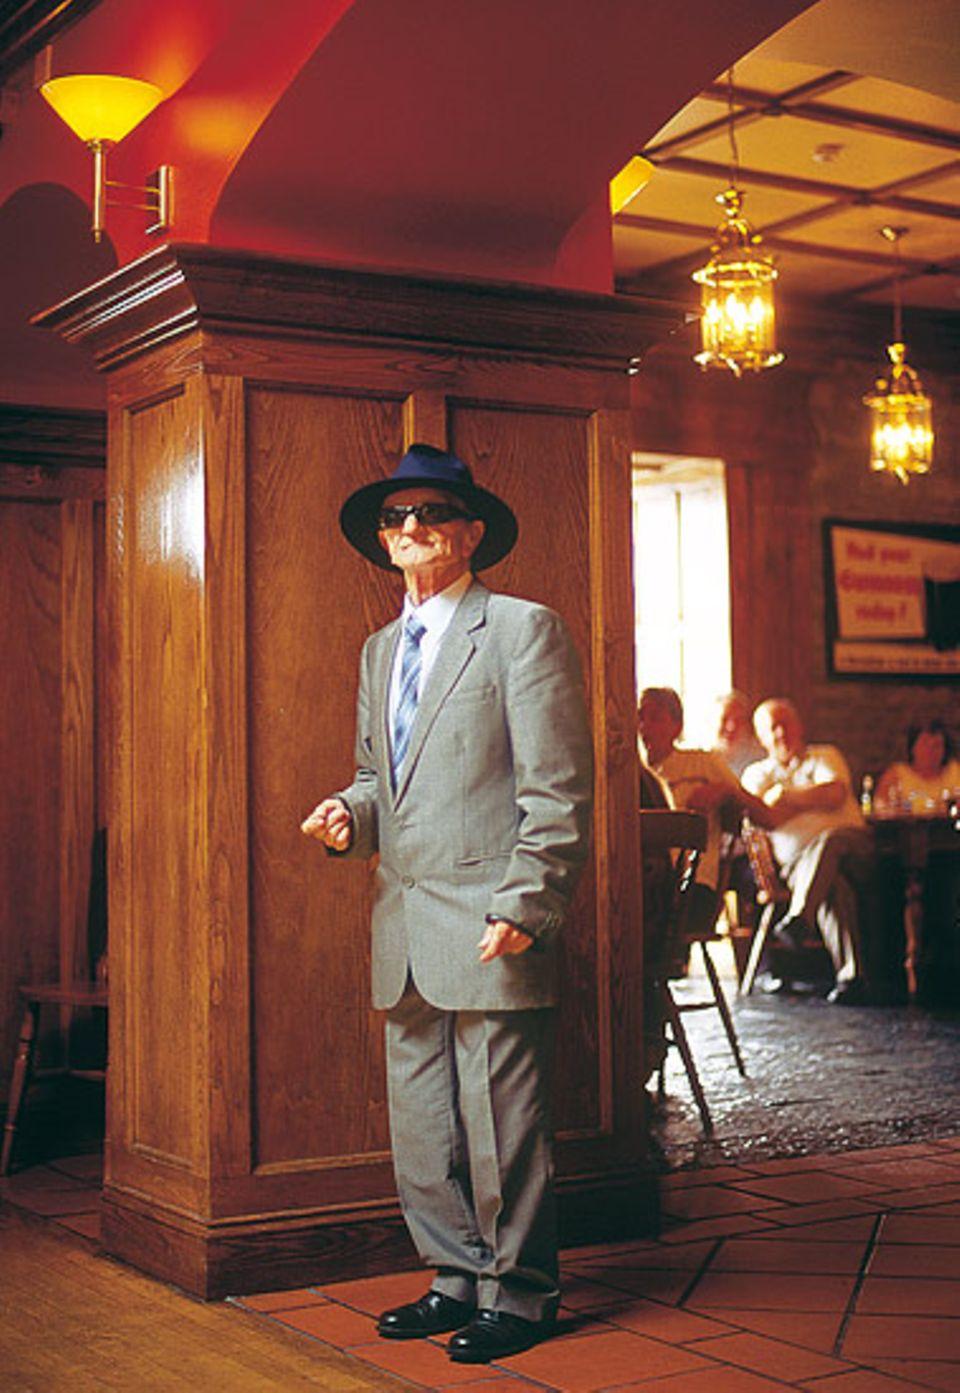 Patrick Tully hat seine Liebe längst gefunden - wenn auch nur zur speziellen Hut-Brillen Kombination